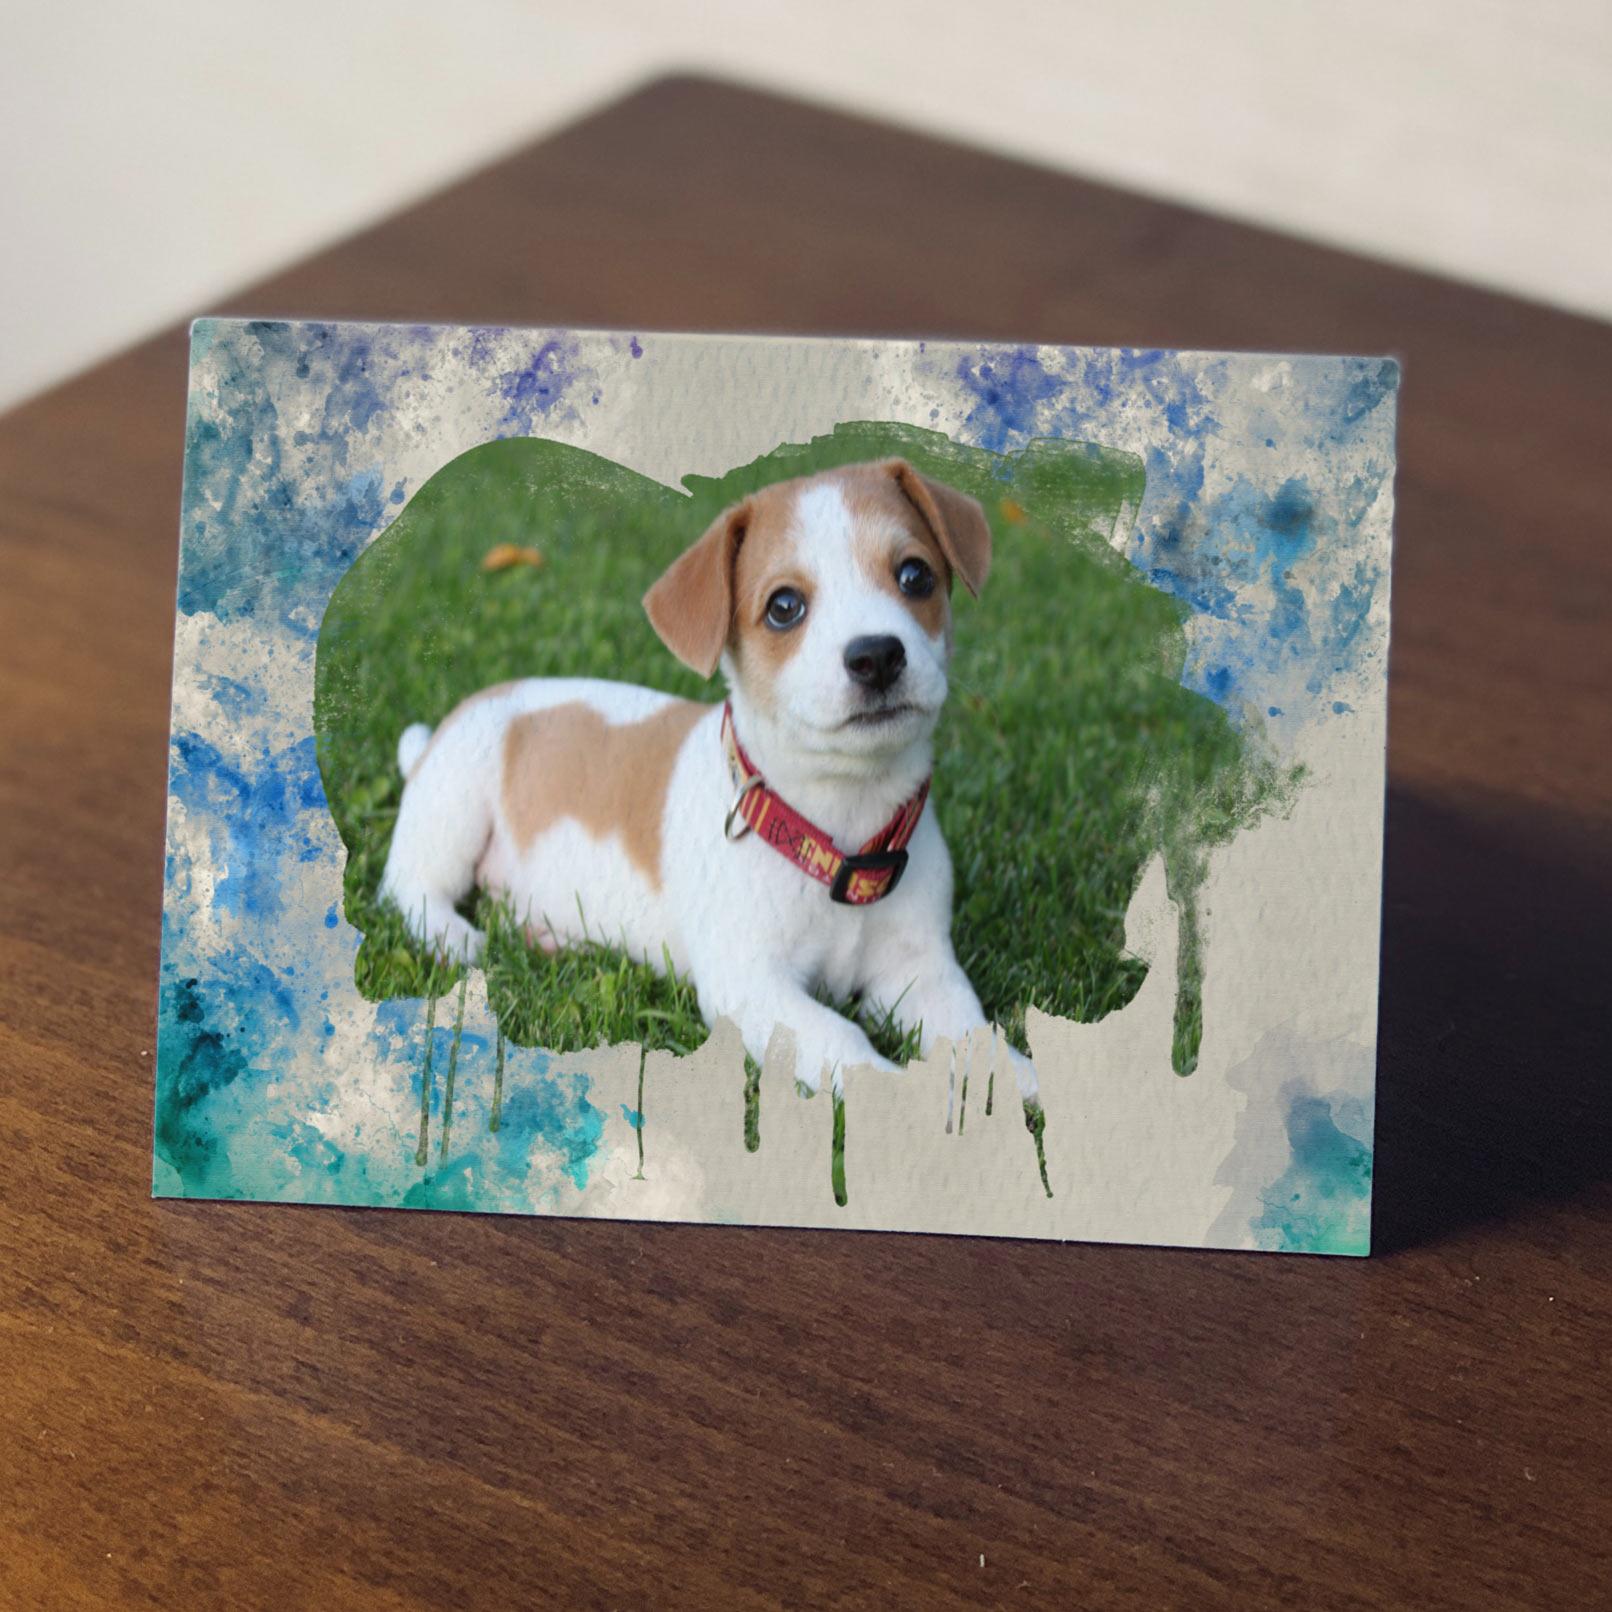 Foto eines Hundes in einem Bilderrahmen mit Wasserfarben-Effekt